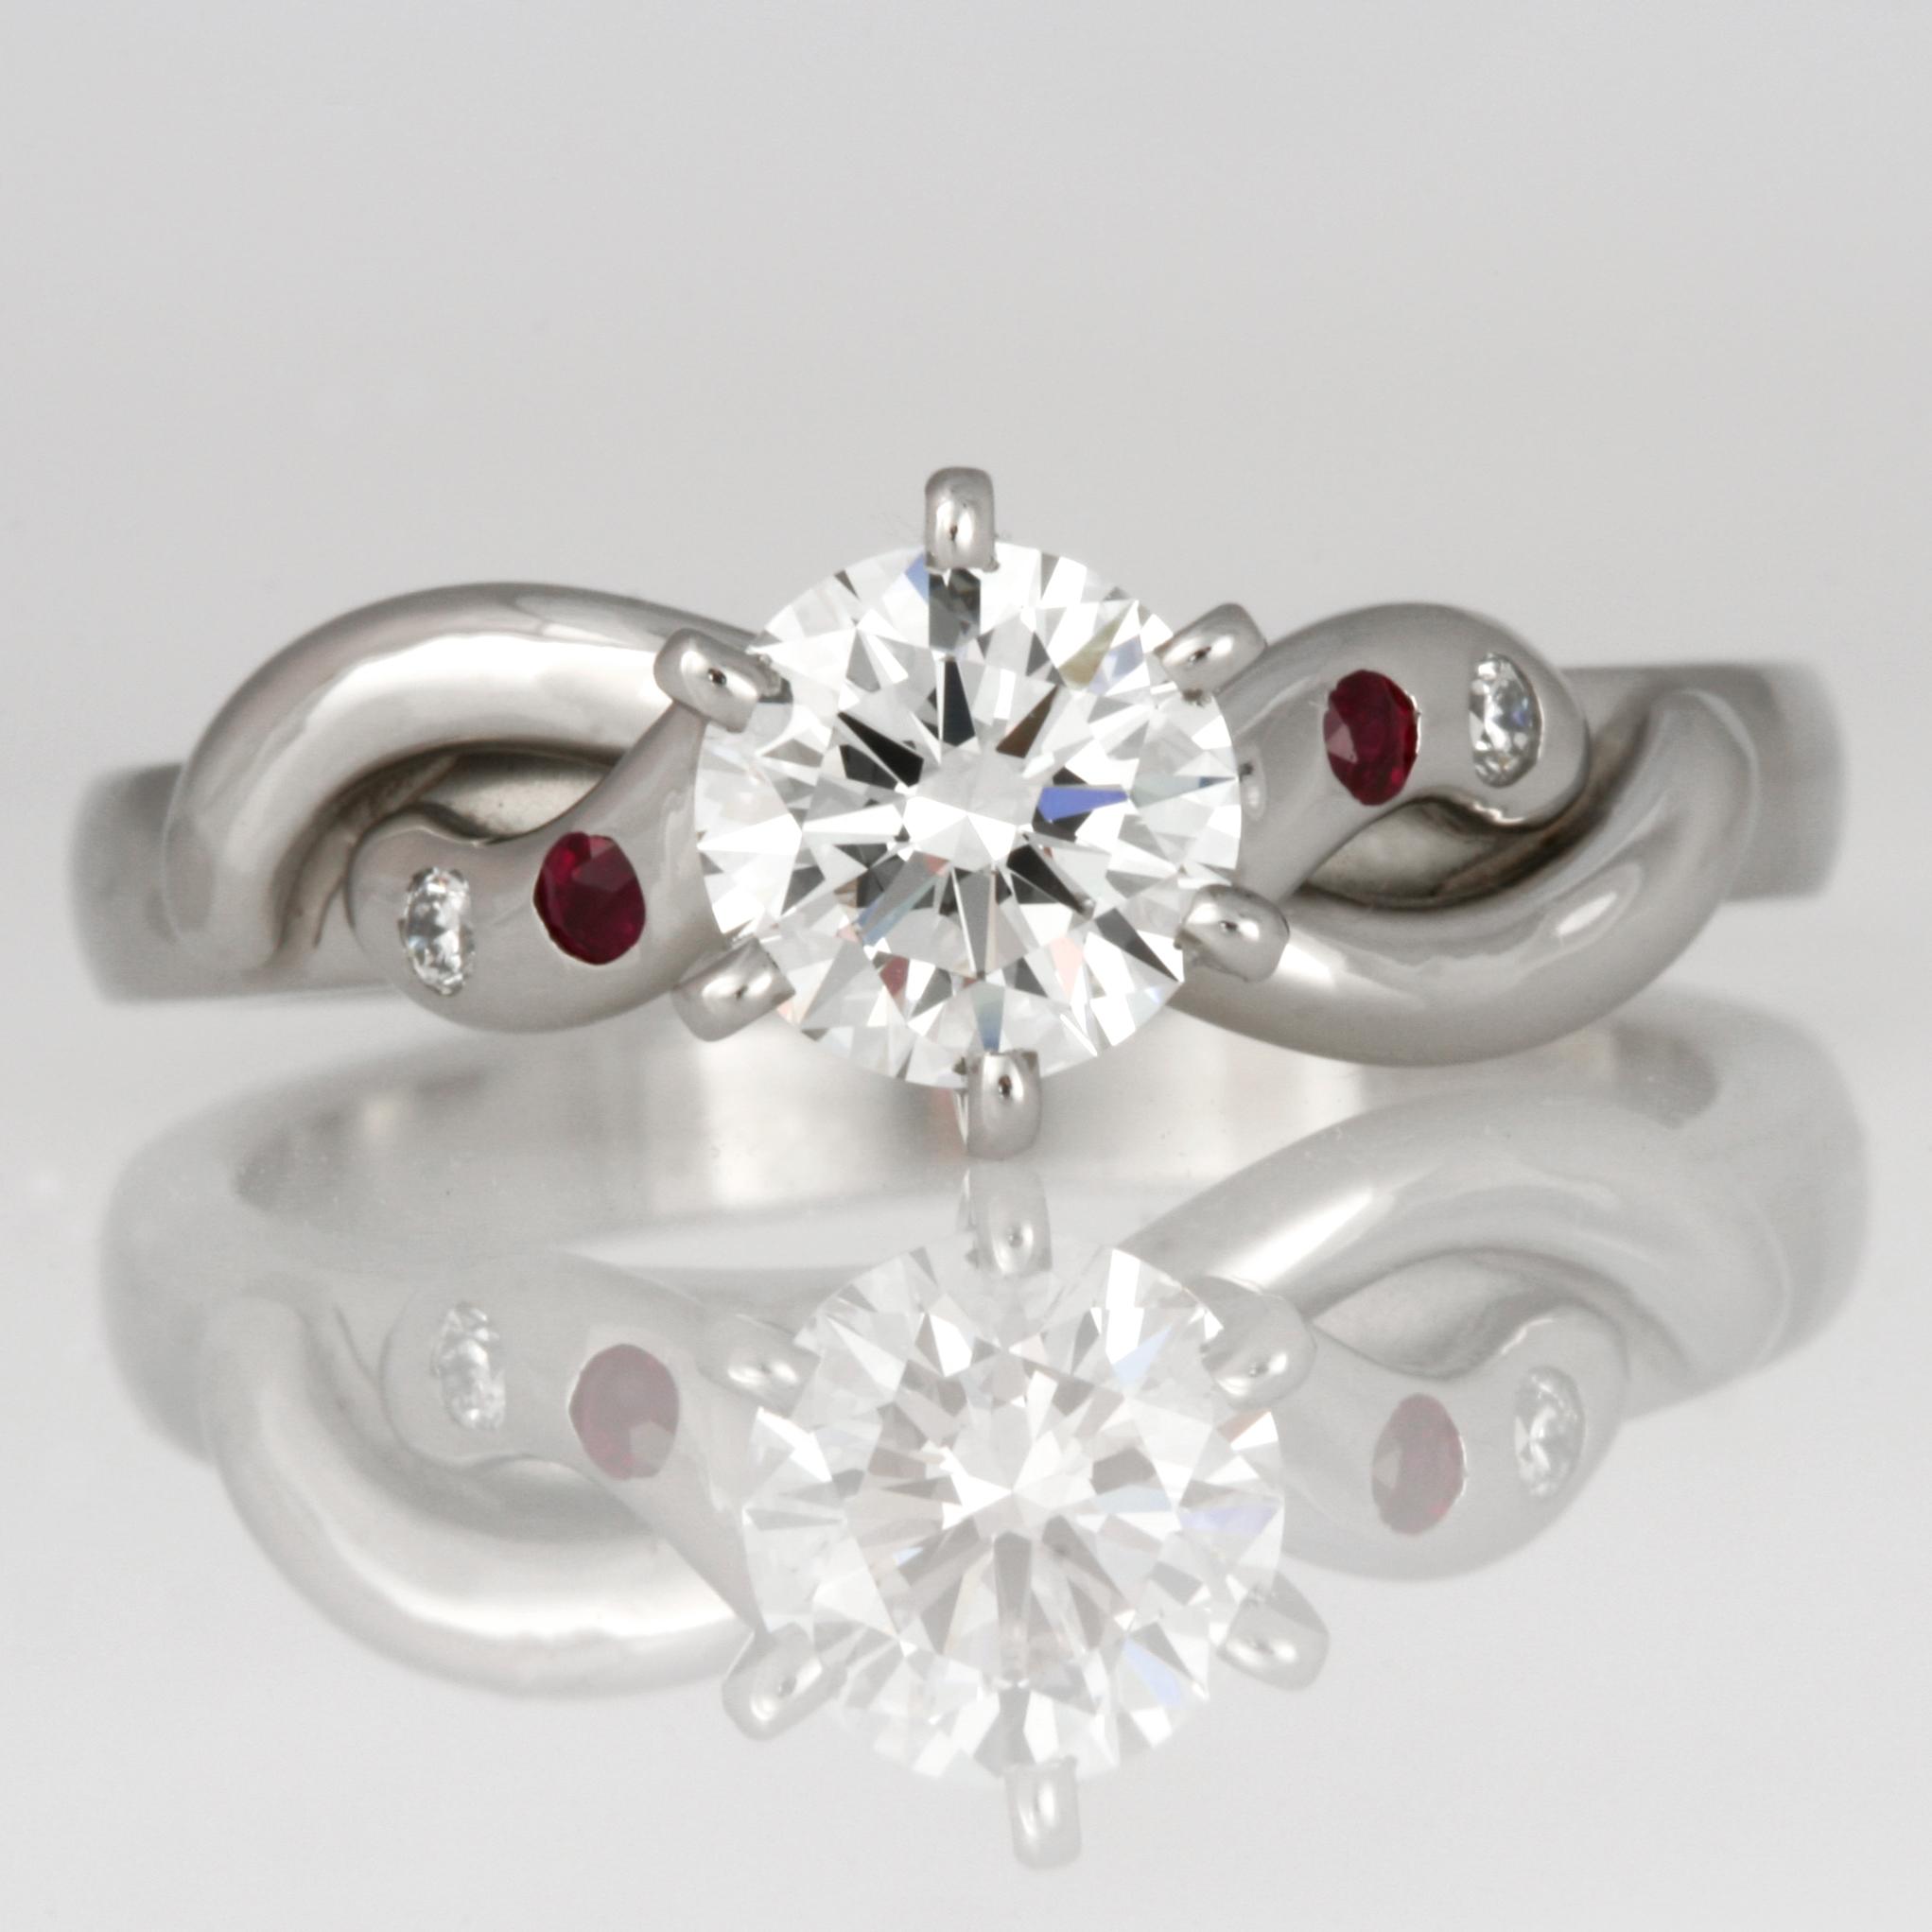 Handmade ladies palladium diamond and ruby engagement ring